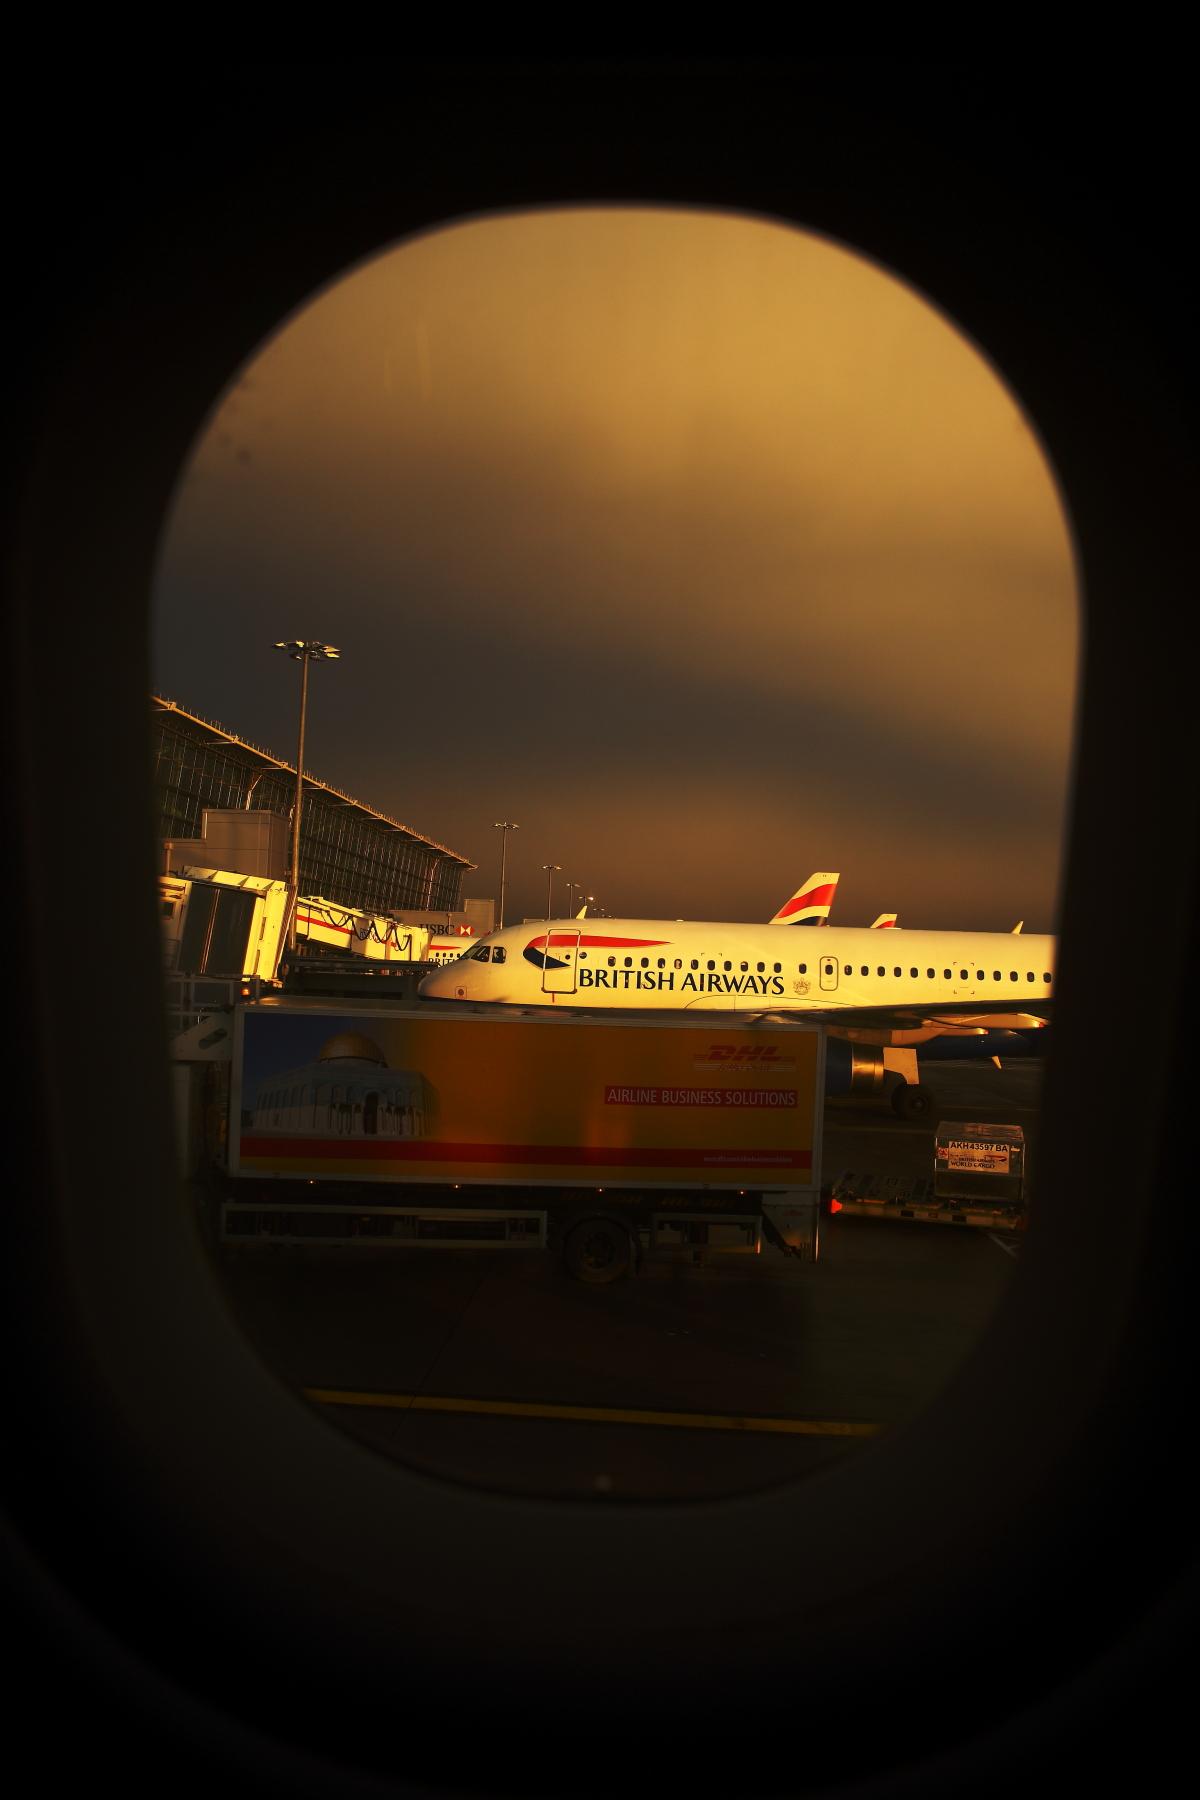 London > Brussels BA392